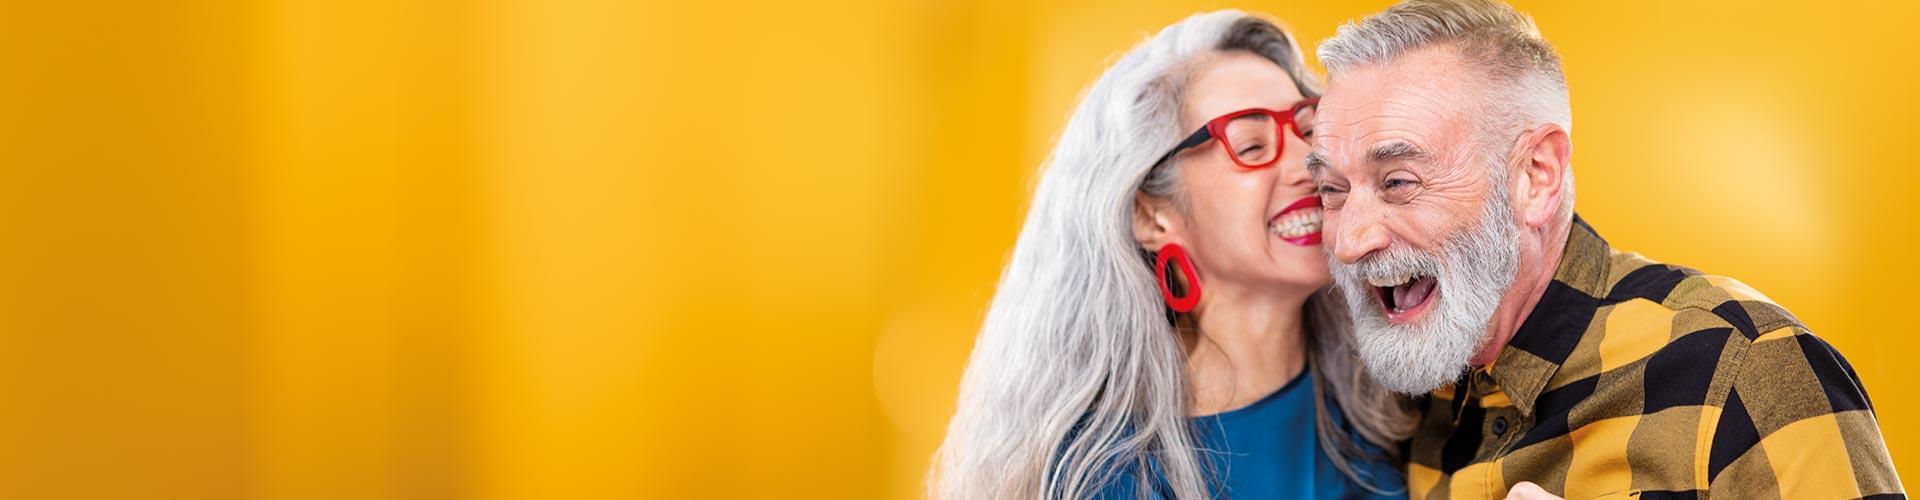 Una mujer de mediana edad abrazada y susurrando un secreto a un amigo. Él lleva aparatos auditivos recargables Philips HearLink.